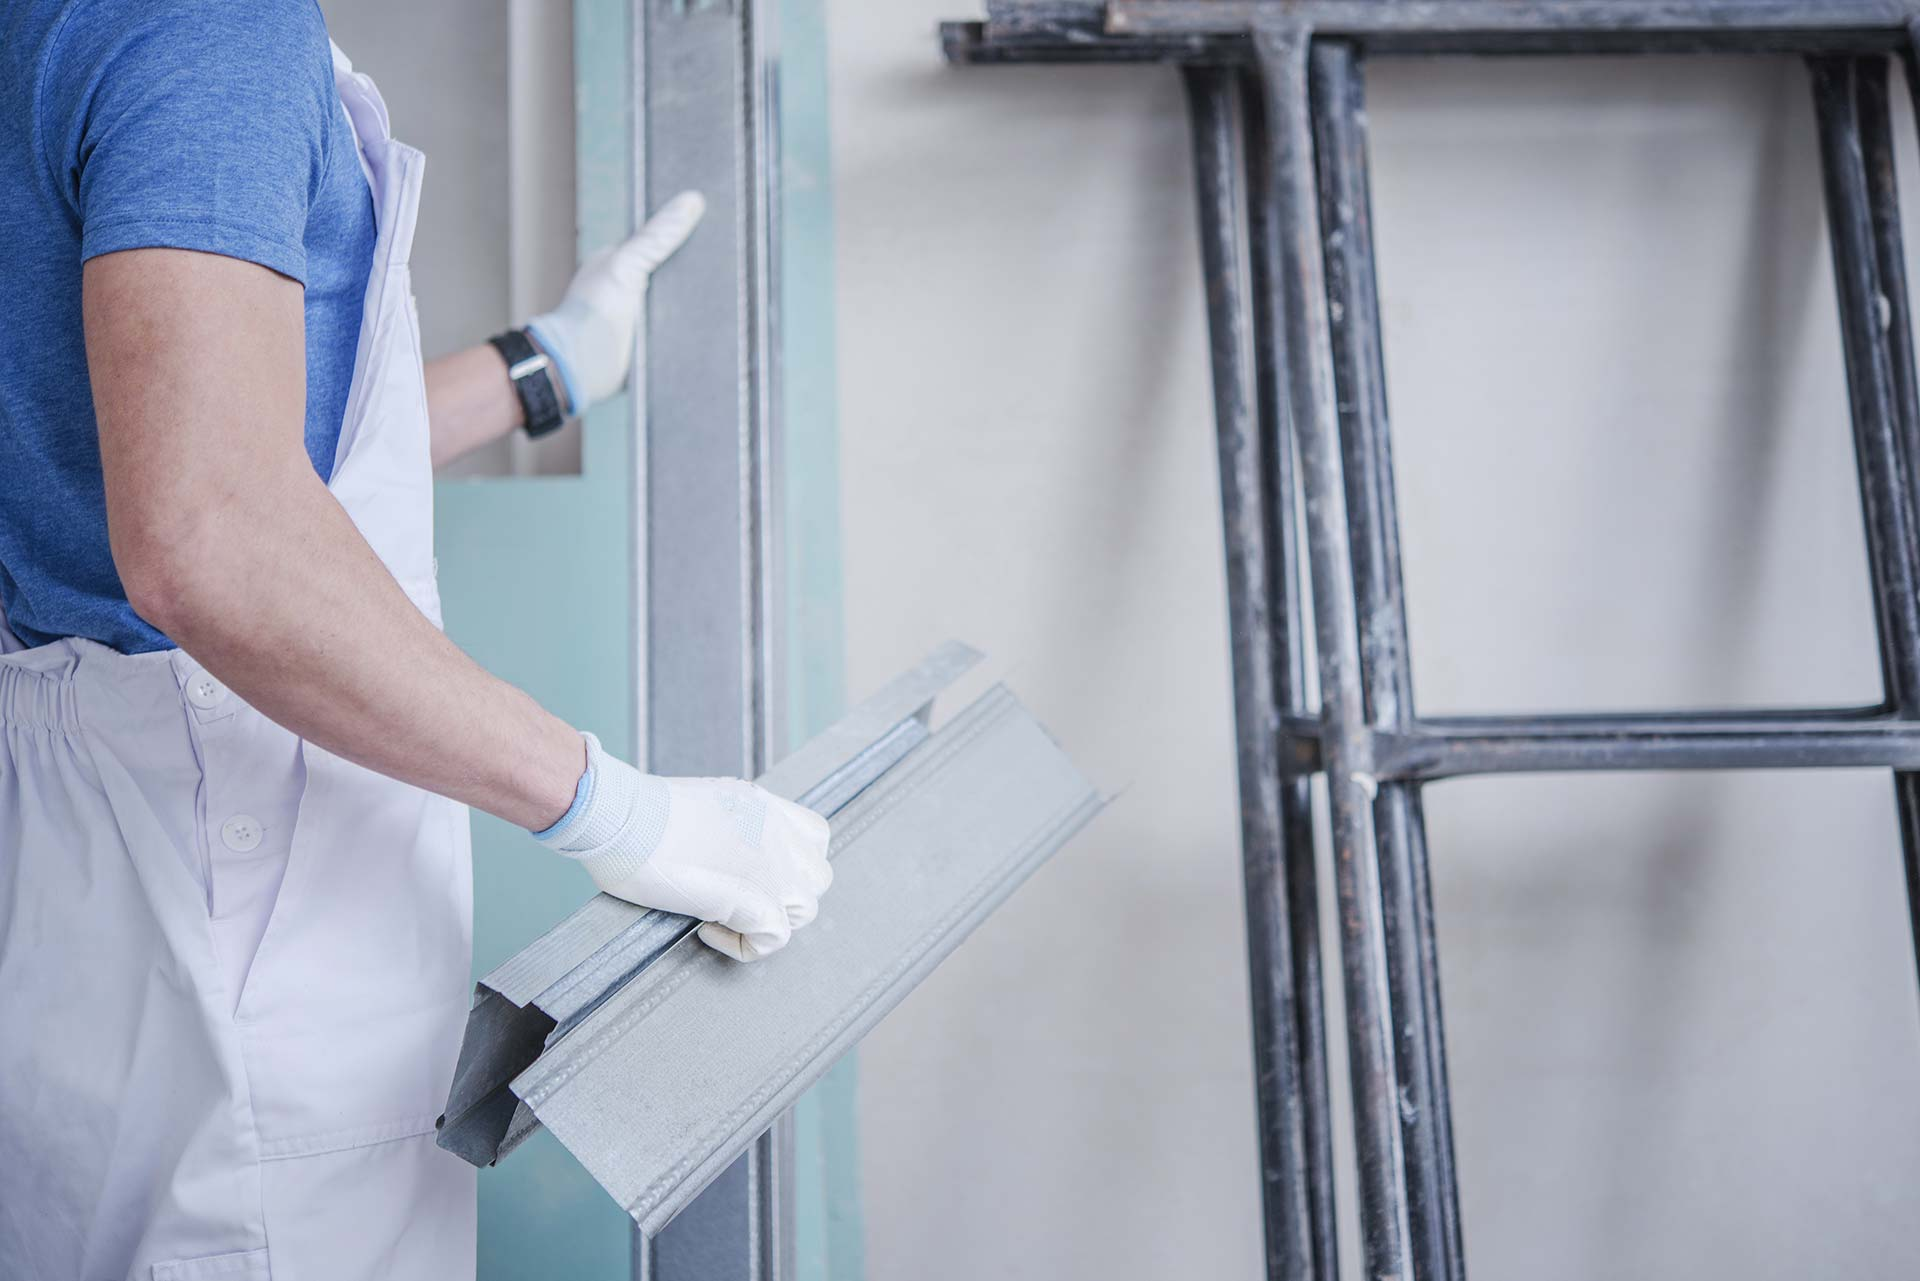 Come comportarsi se l'impresa di ristrutturazione del vicino provoca danni durante i lavori